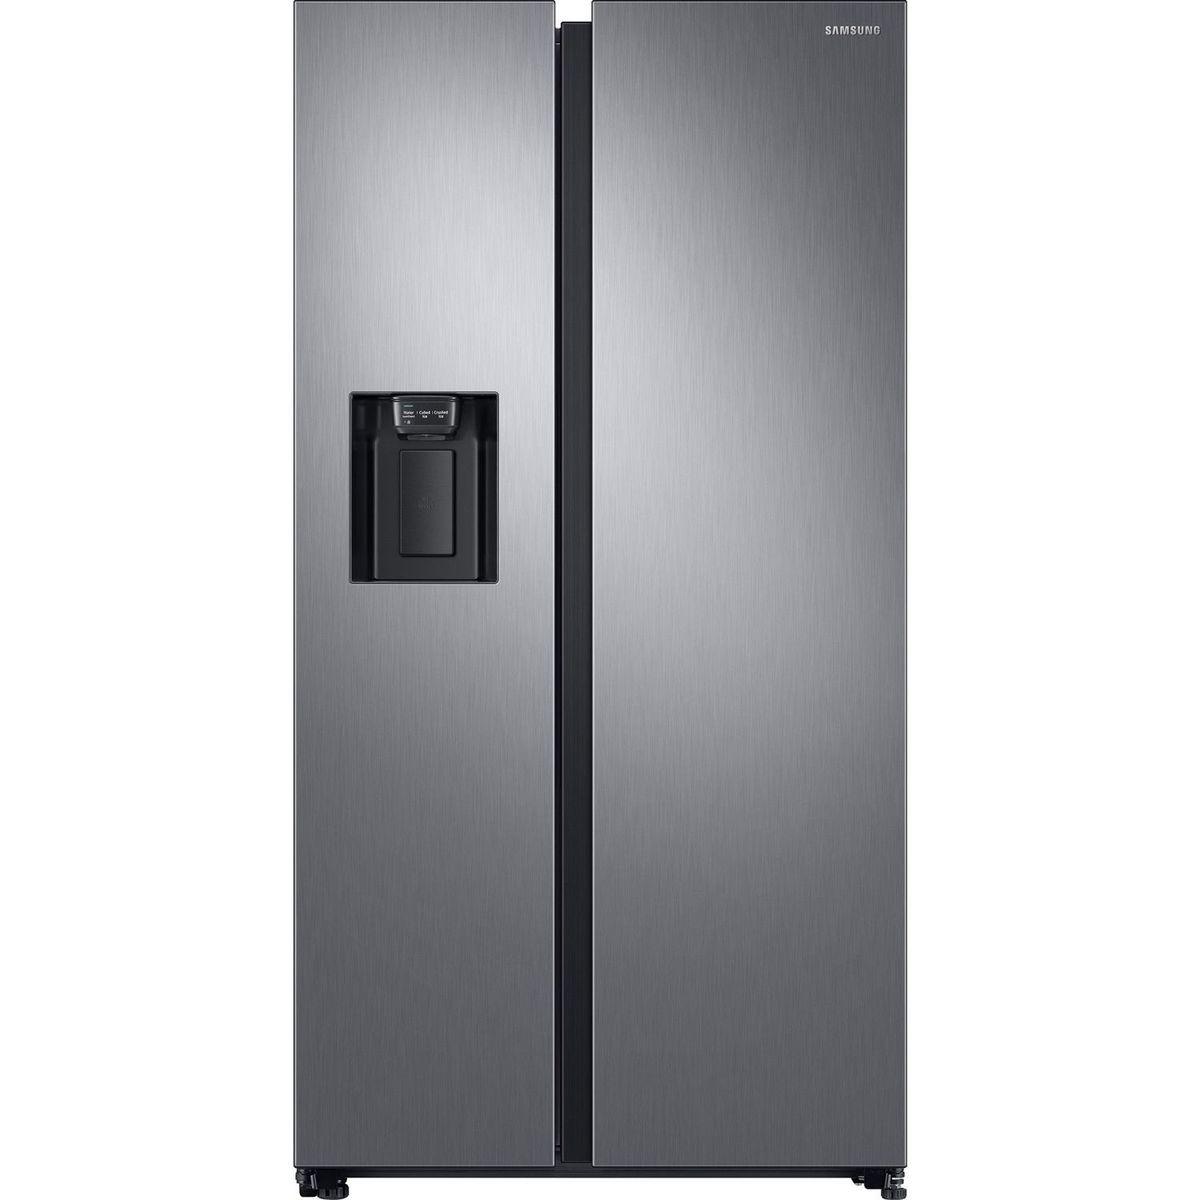 Réfrigérateur américain RS68N8321S9, 617 L, Froid ventilé